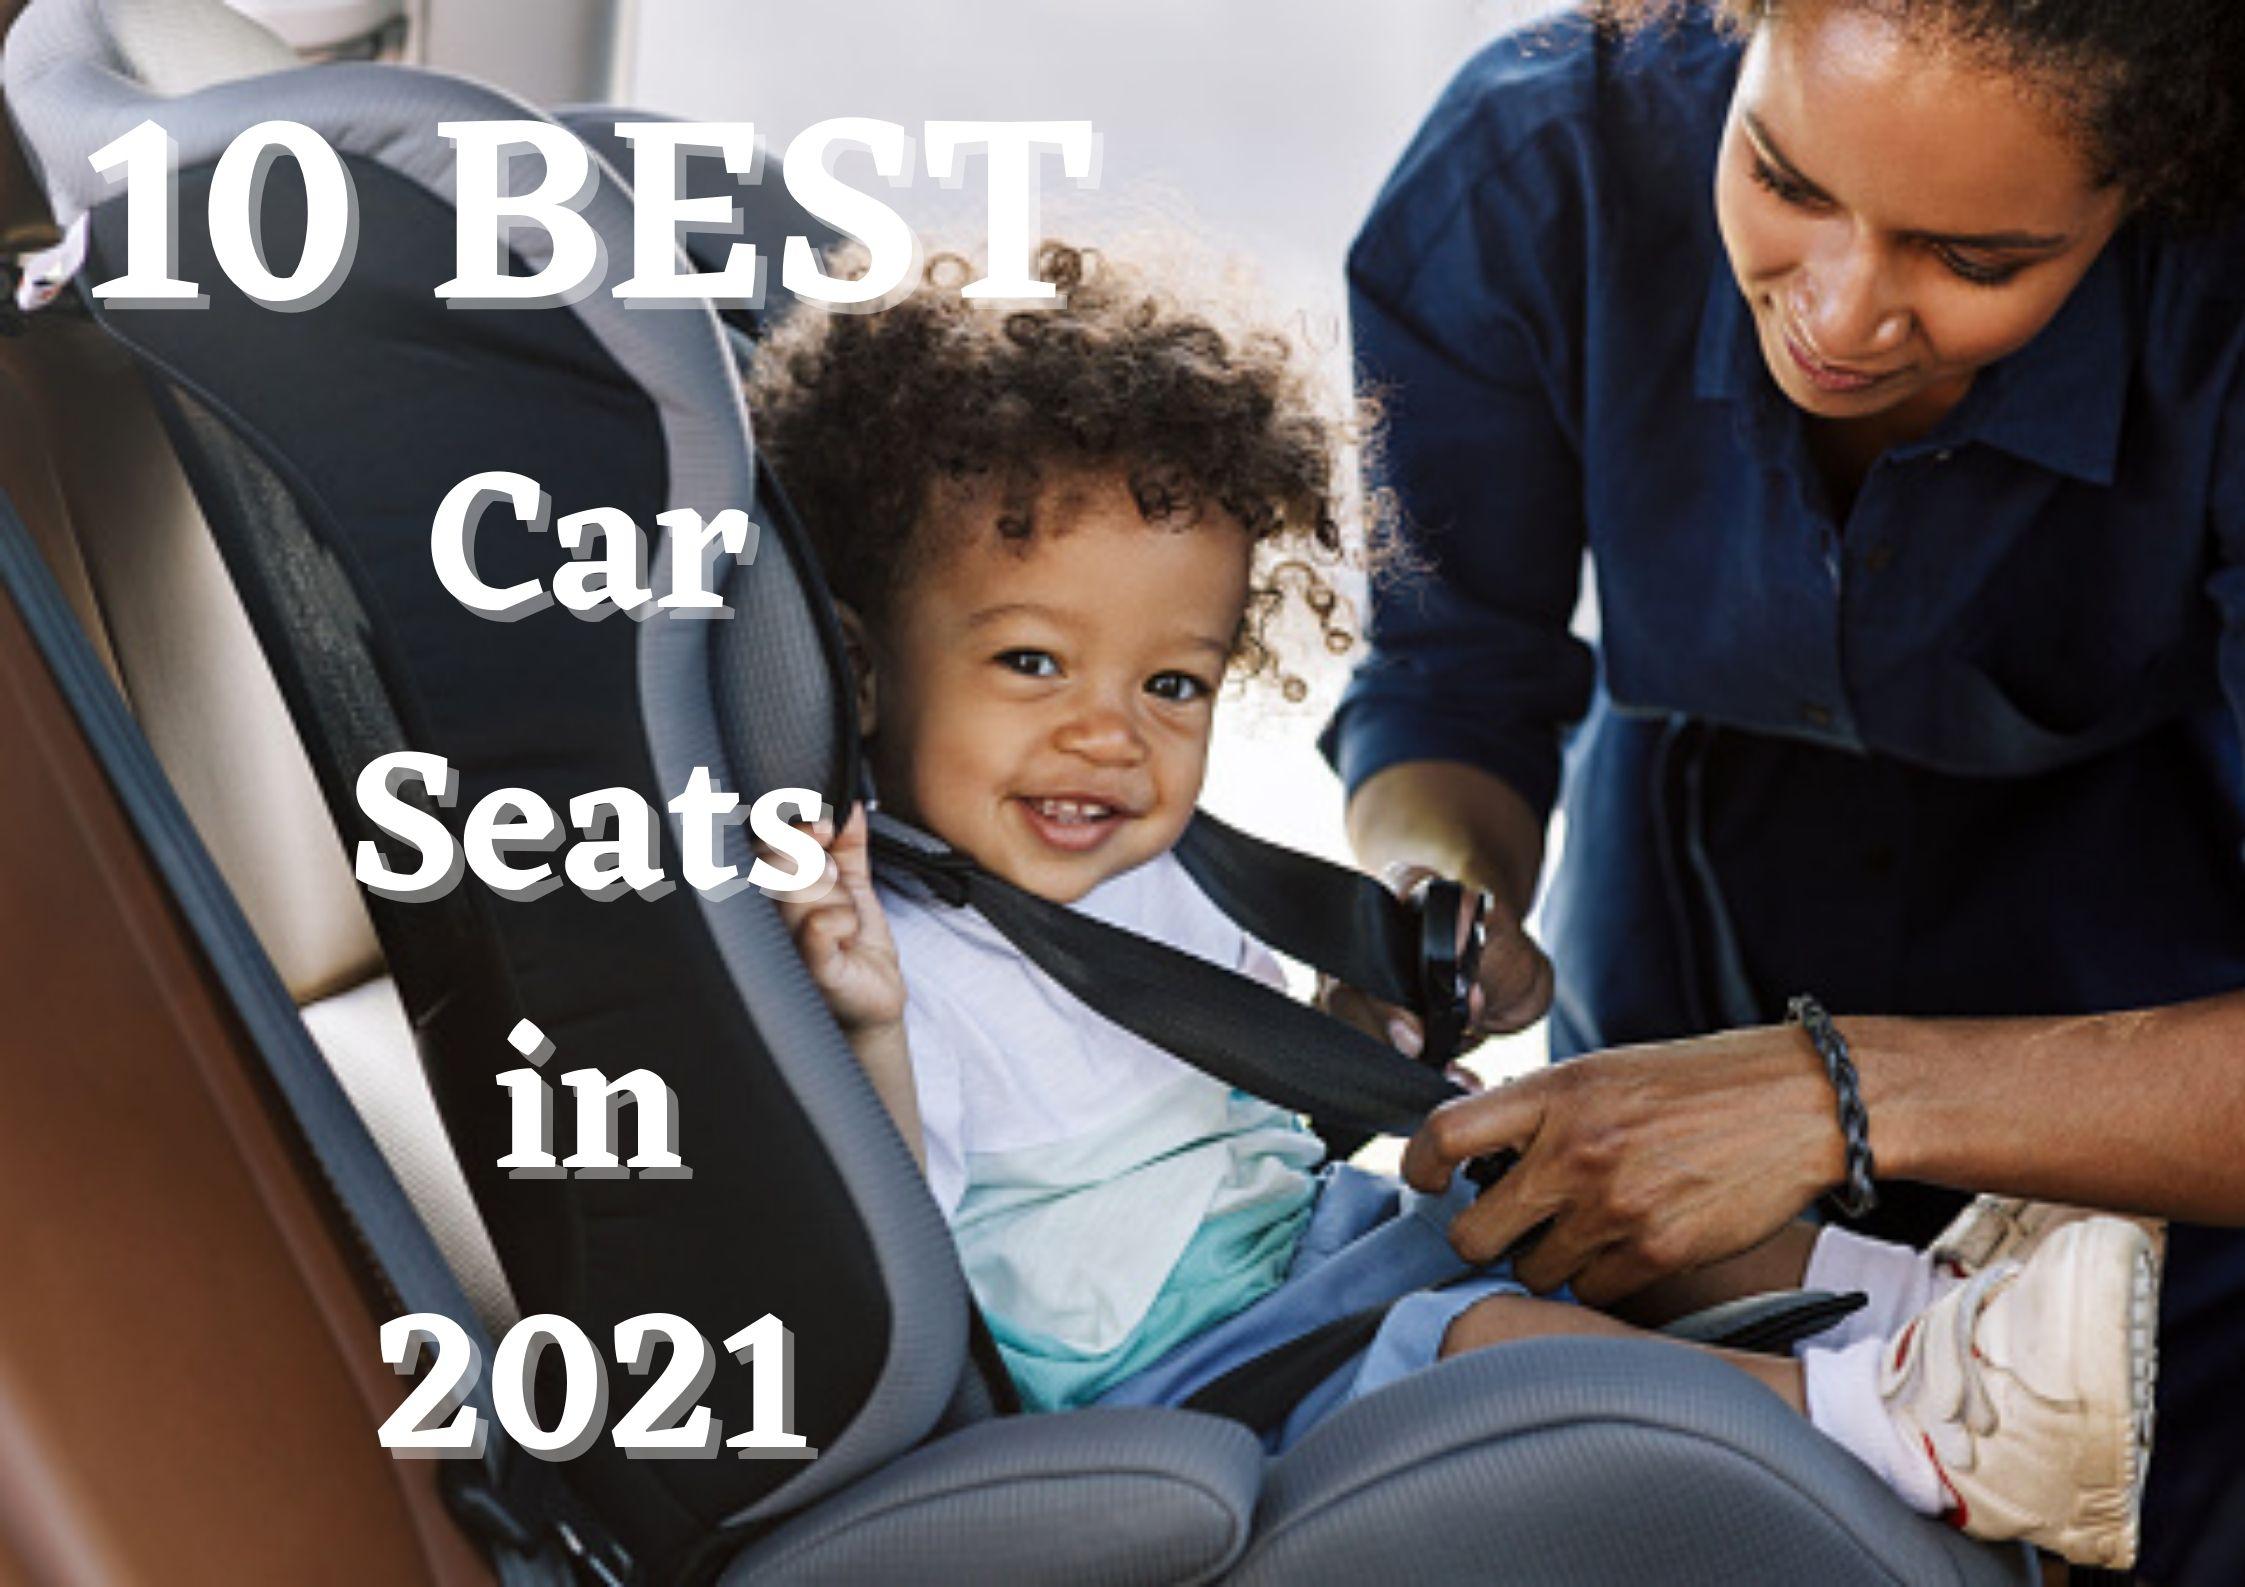 10 Best Car Seats in 2021